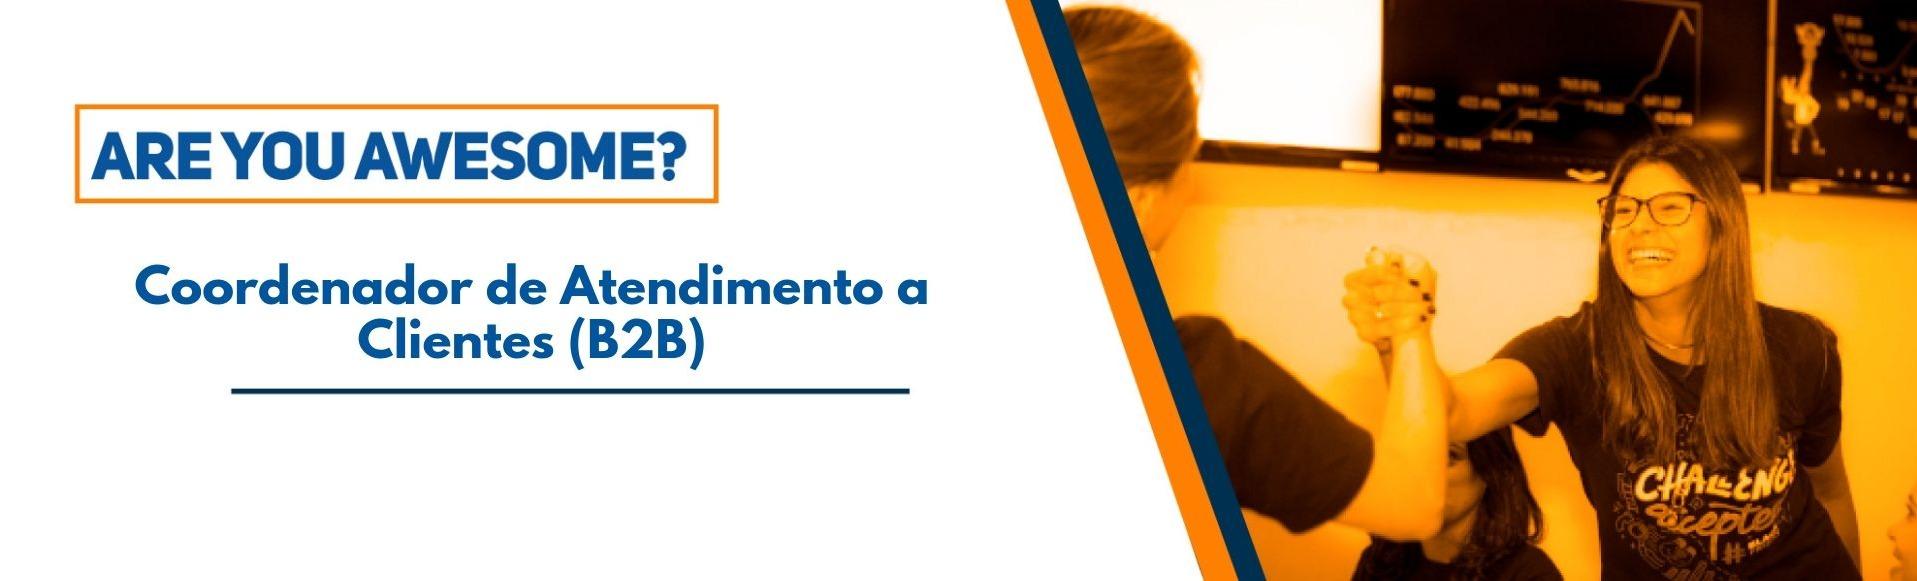 Coordenador de Atendimento a Clientes (B2B)